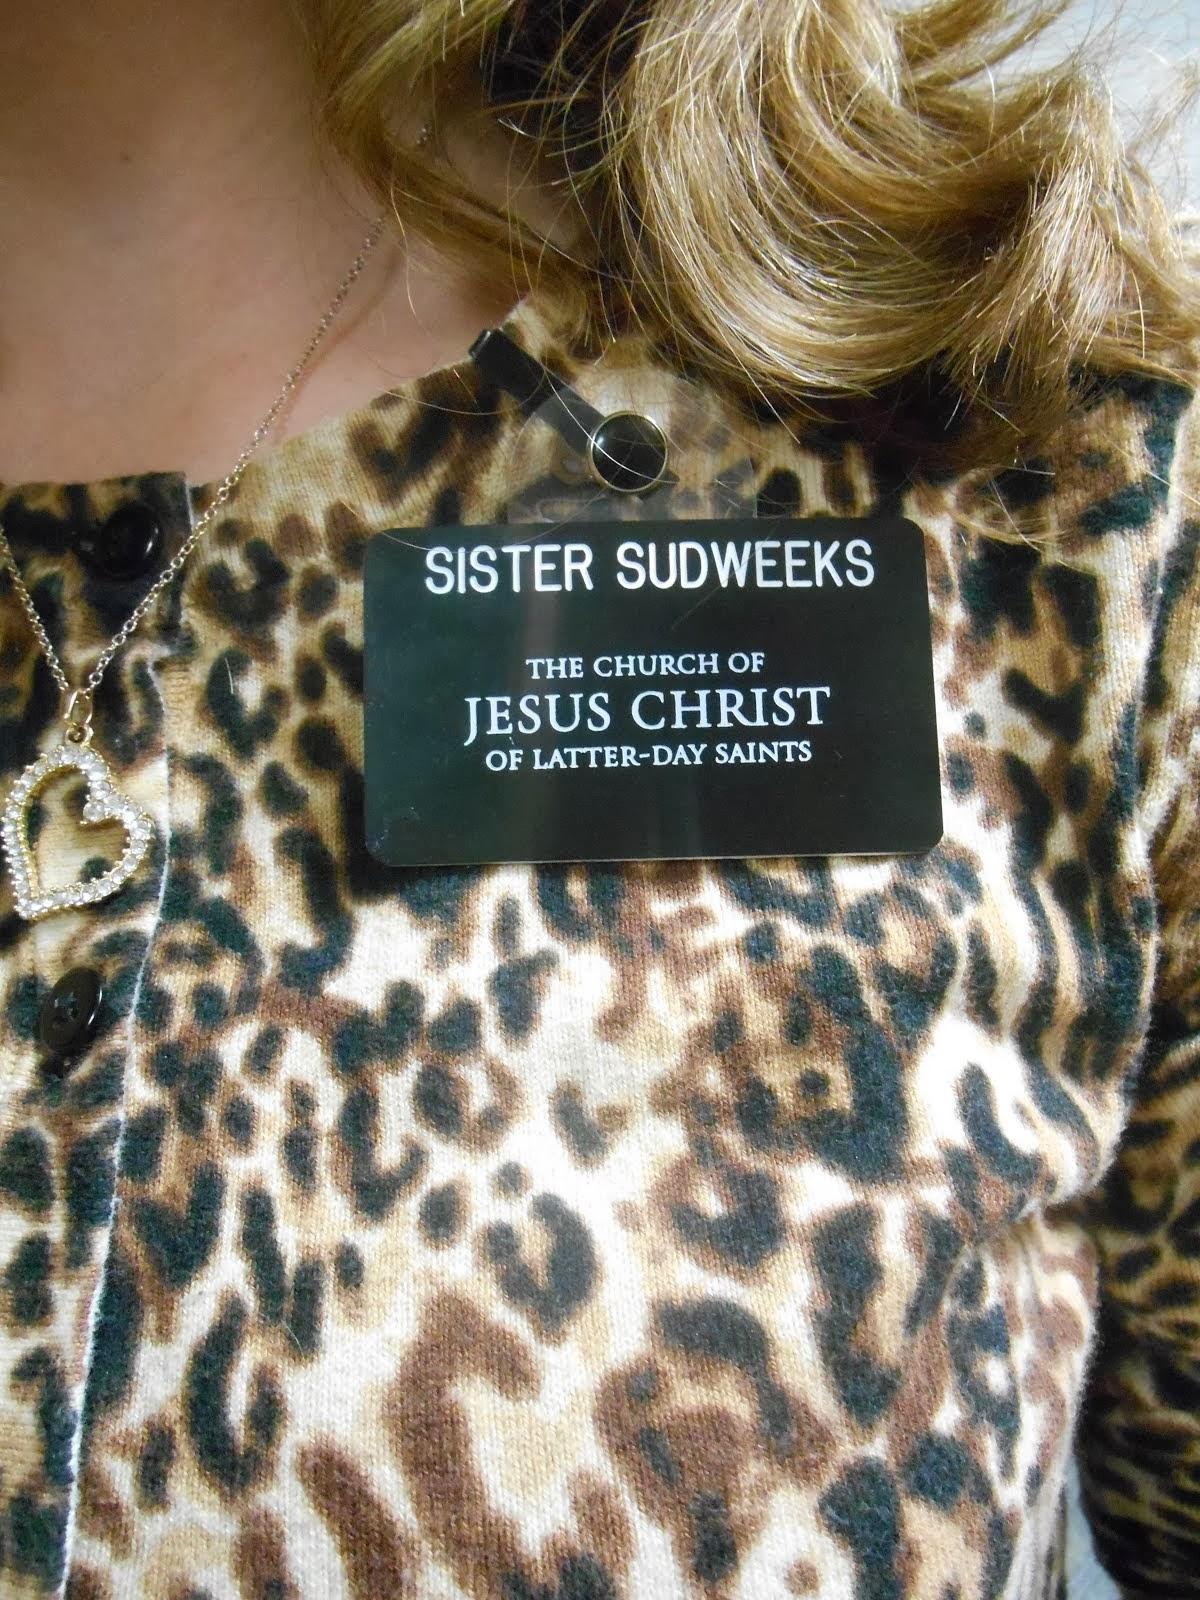 Sister Sudweeks